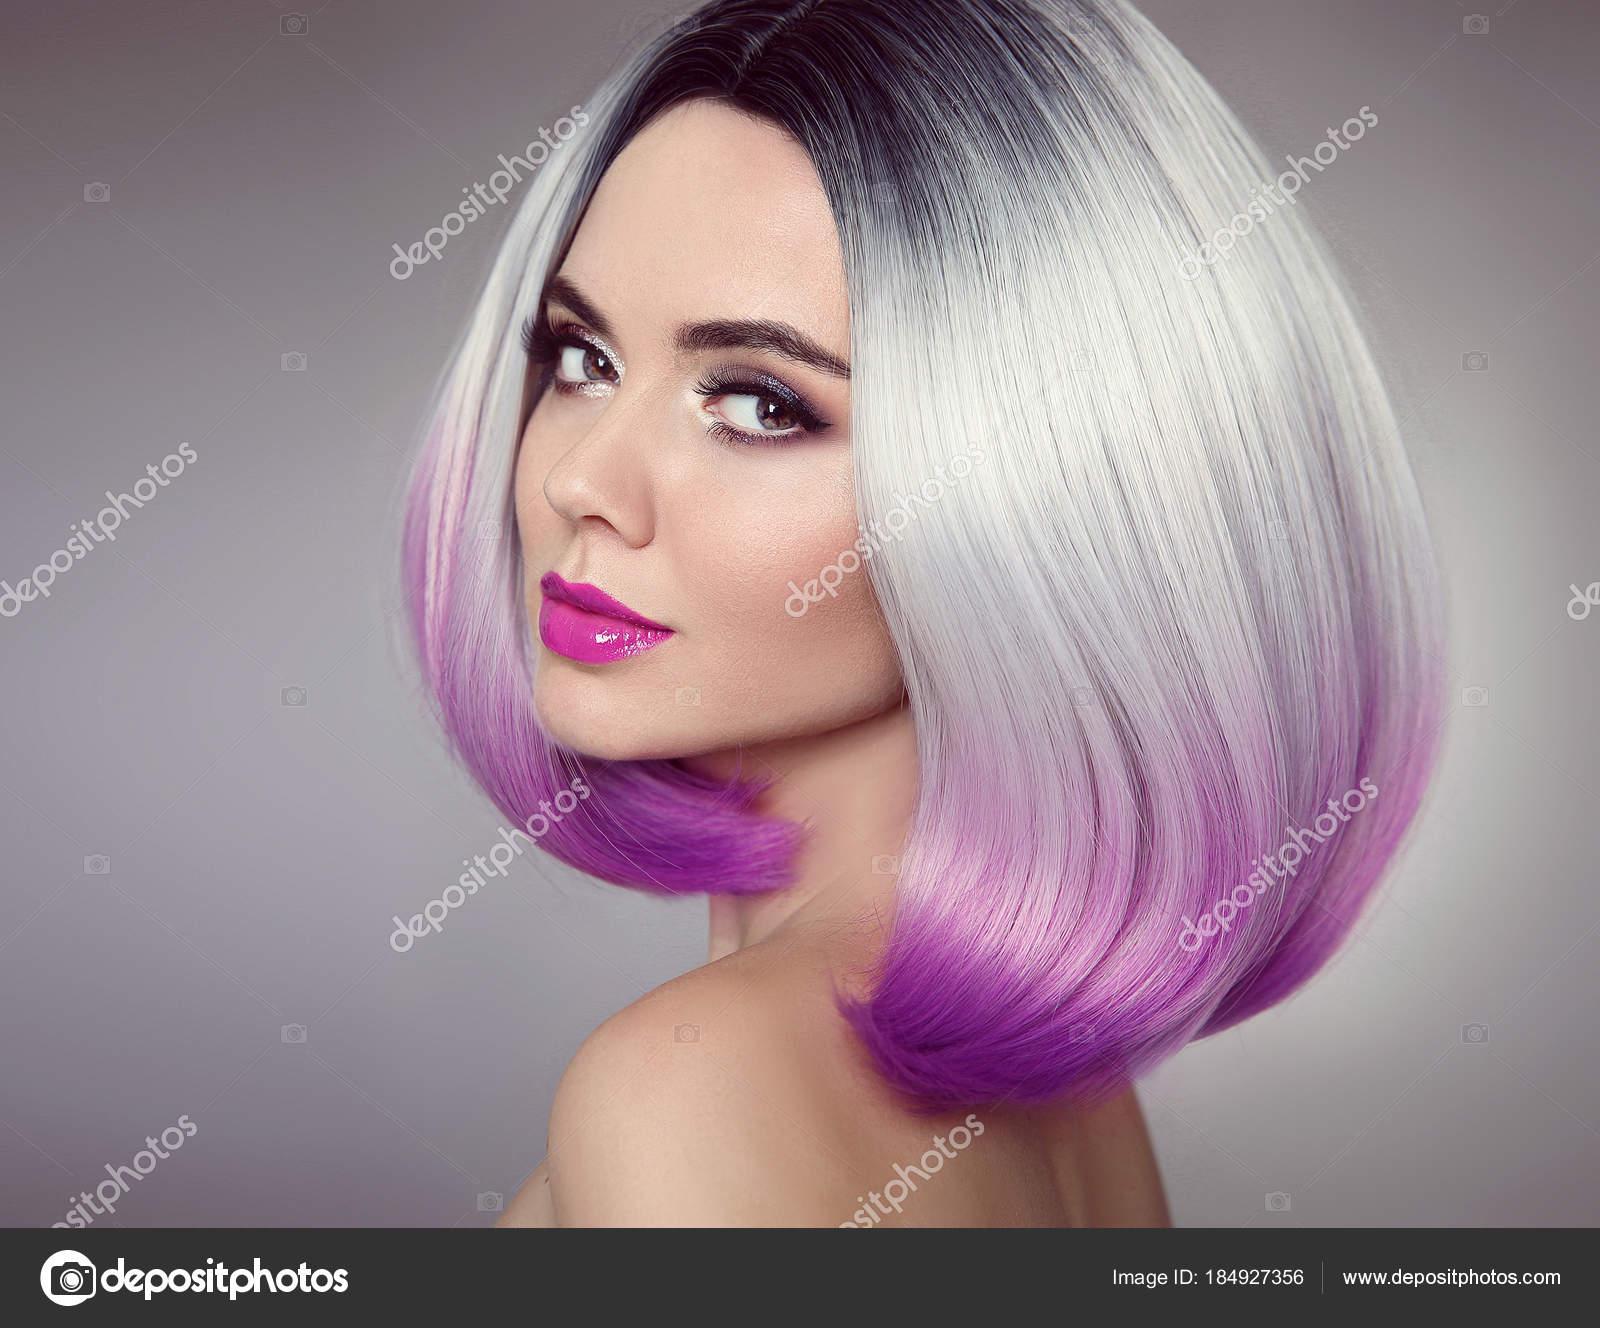 Fryzura Bob Kolorowe Ombre Hair Extensions Piękna Dziewczyna Model